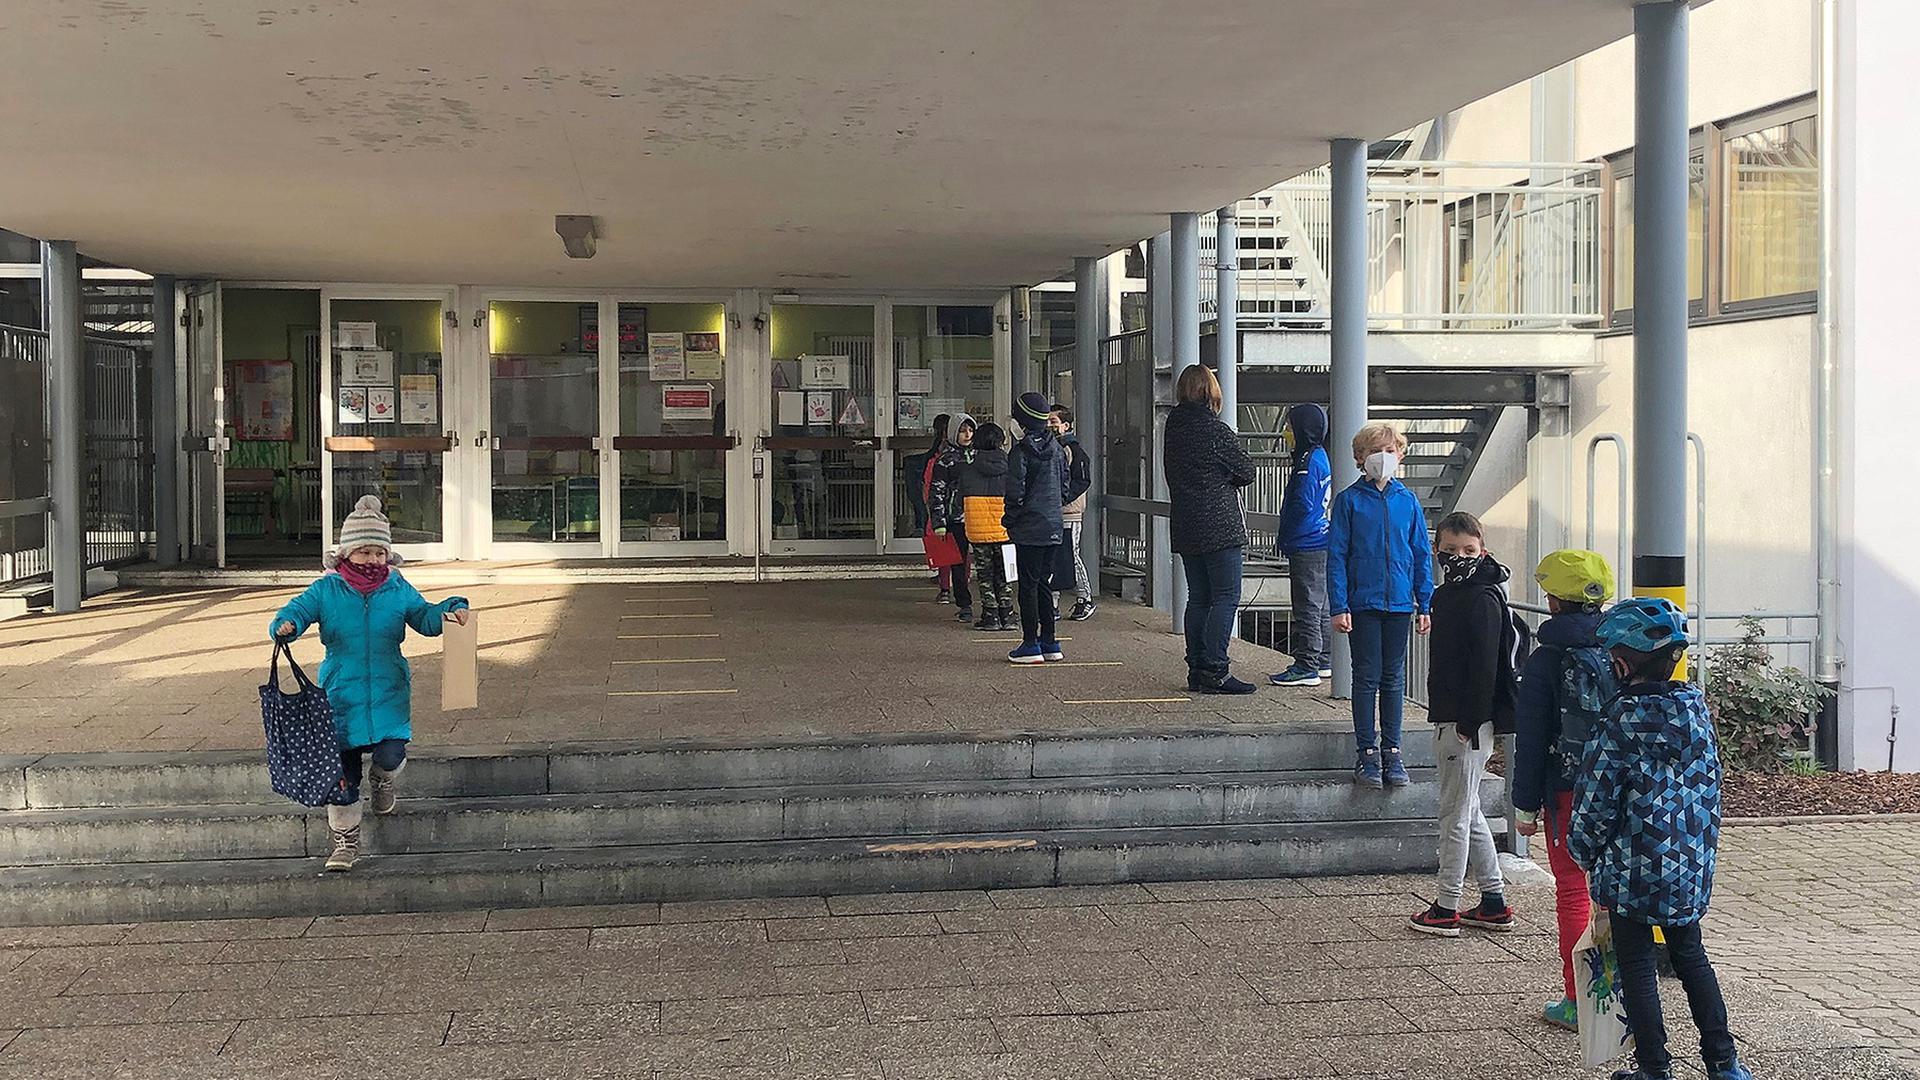 Wissensausgabe in handlichen Kuverts   Grundschüler holen am Montagmorgen ihre Lernpakete für das Home-Schooling im Foyer der Pestalozzi-Schule Blankenloch ab.